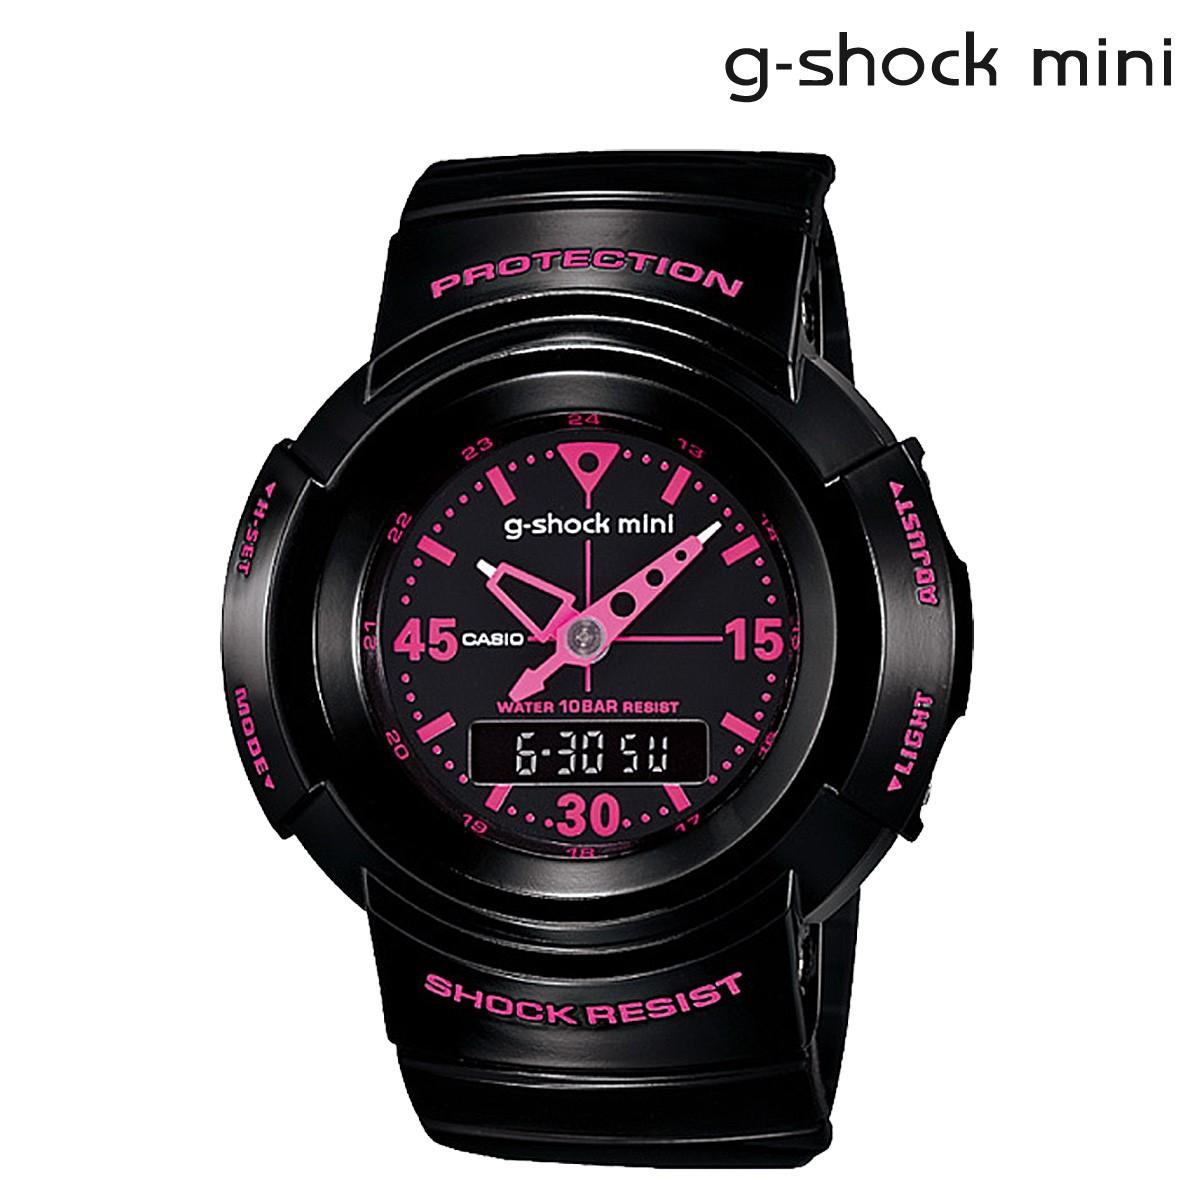 カシオ CASIO g-shock mini 腕時計 GMN-500-1B2JR ジーショック ミニ Gショック G-ショック レディース [3/15 追加入荷]